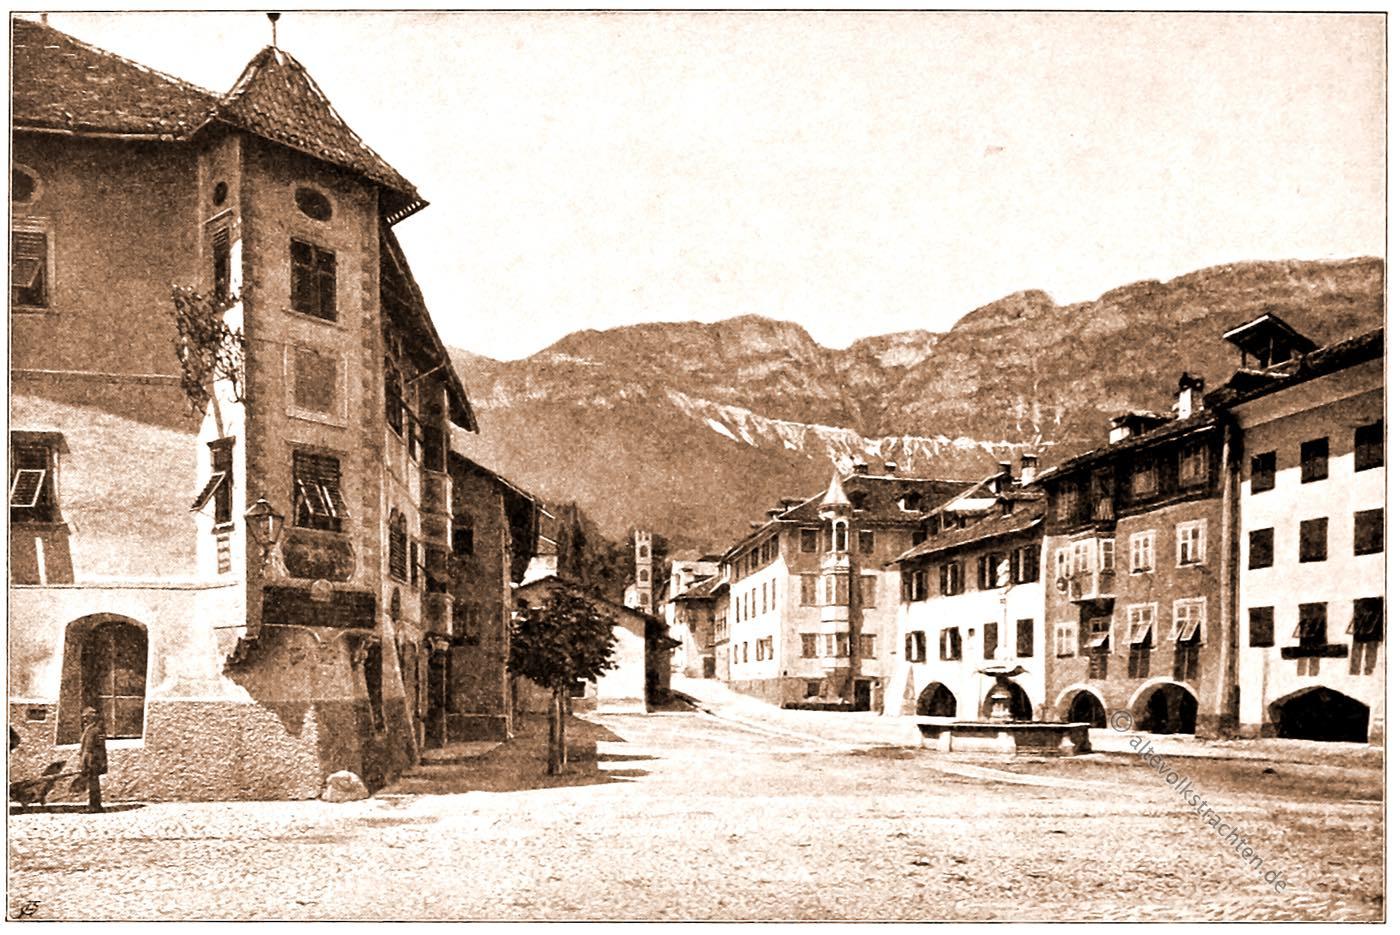 Stadtansicht,, Zentrum, Kaltern, Tirol, Architektur, Österreich, Hartwig, Fischel,